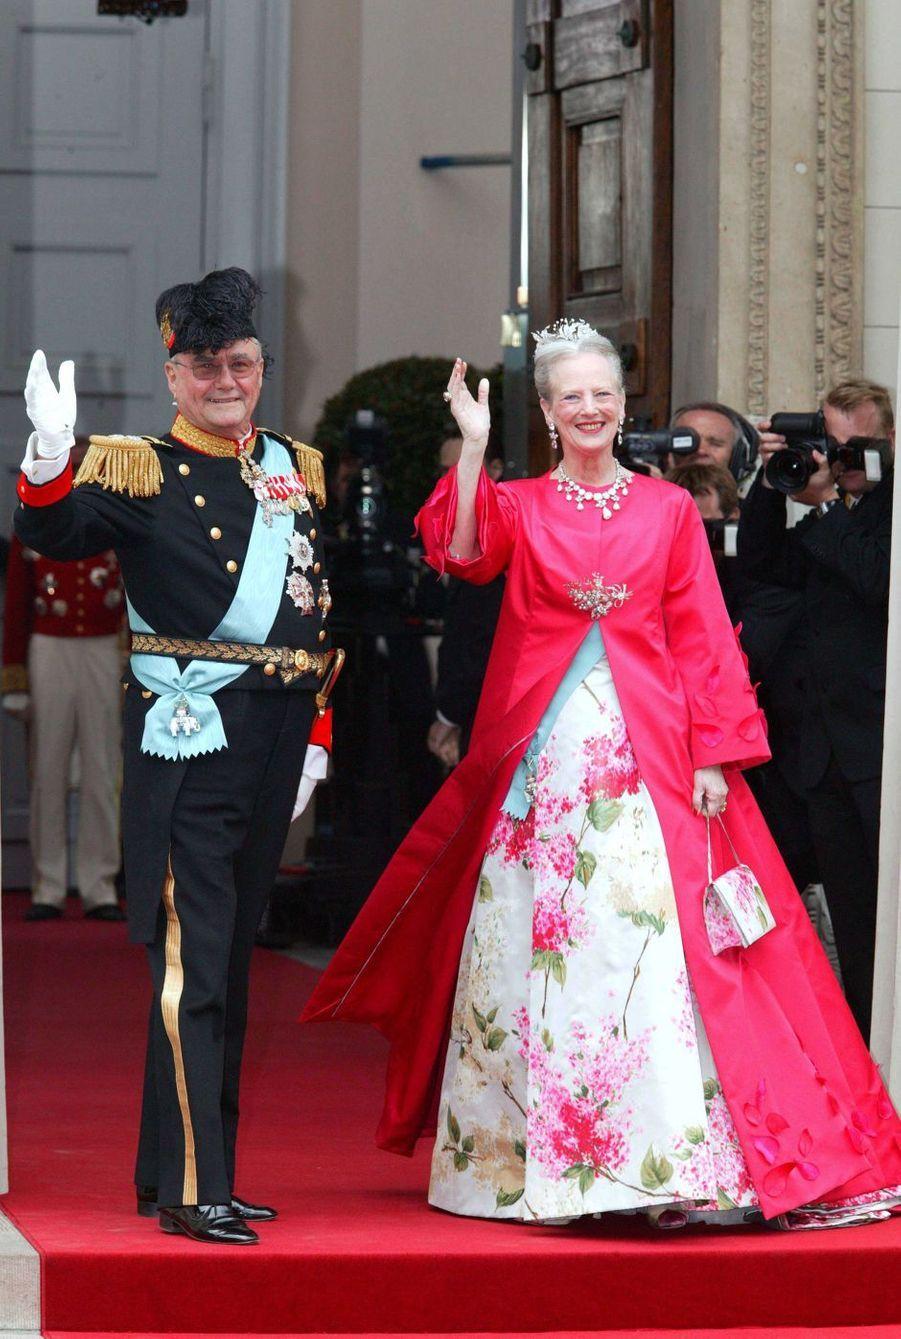 La reine Margrethe II de Danemark et le prince Henrik à Copenhague, le 14 mai 2004